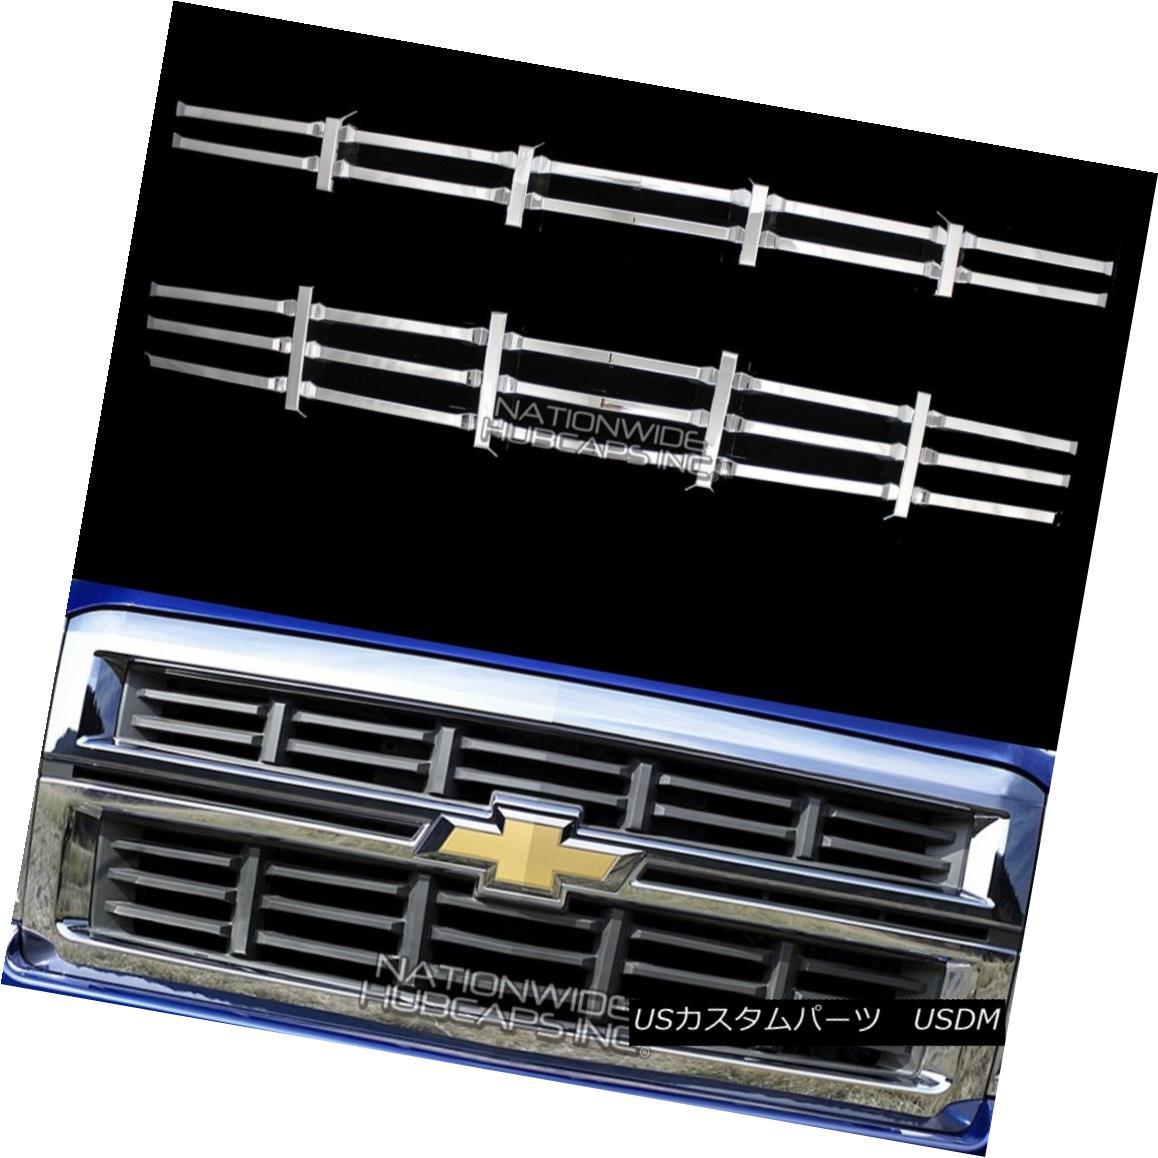 グリル 14-15 Chevy Silverado 1500 Z71 CHROME Snap On Grille Overlay Grill Cover Inserts 14-15 Chevy Silverado 1500 Z71 CHROMEスナップオングリルオーバーレイグリルカバーインサート